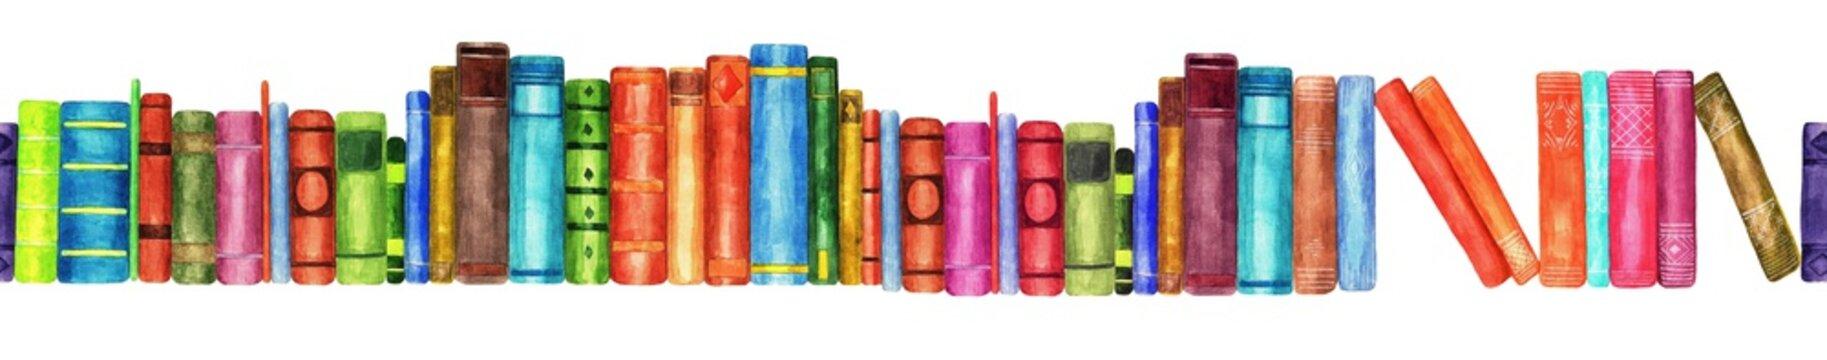 Books, seamless pattern